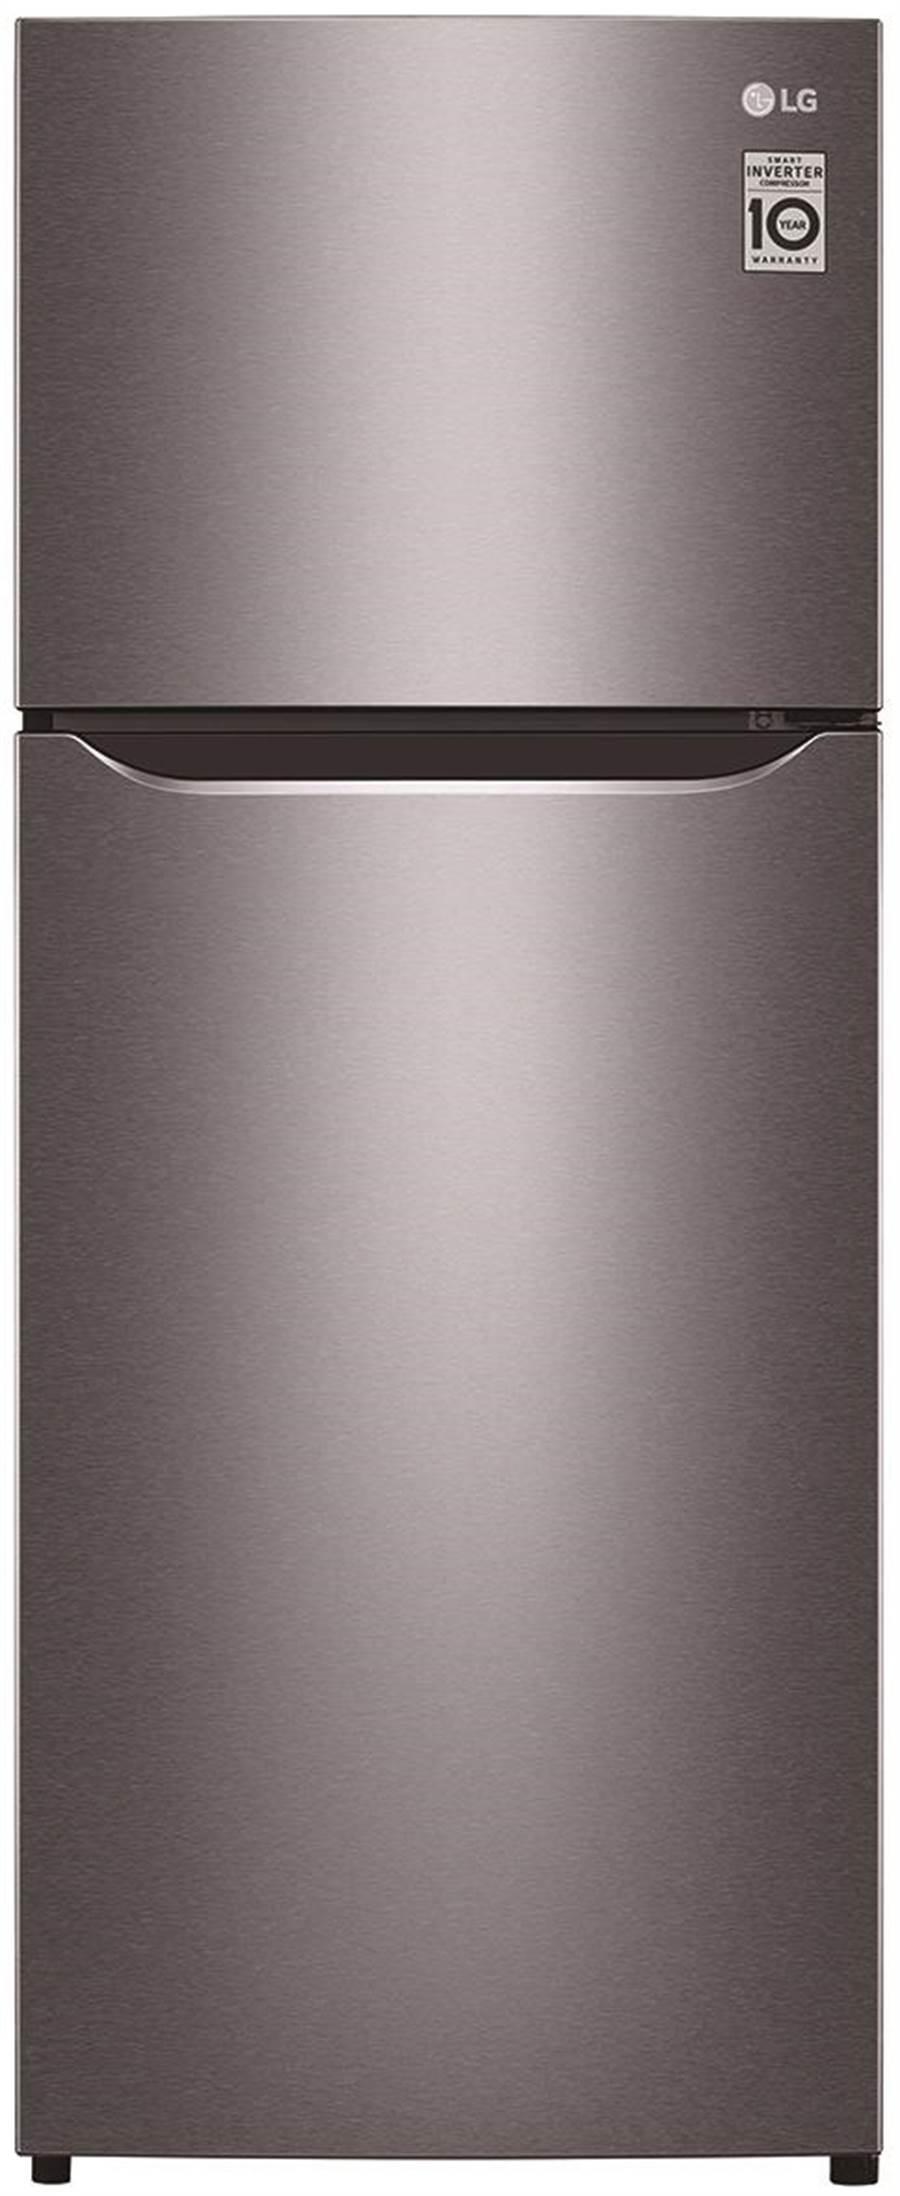 全國電子的LG 186L雙門變頻冰箱銀,原價1萬3900元,特價1萬2510元,加贈全國電子獨家好禮,7日前限量100台。(全國電子提供)